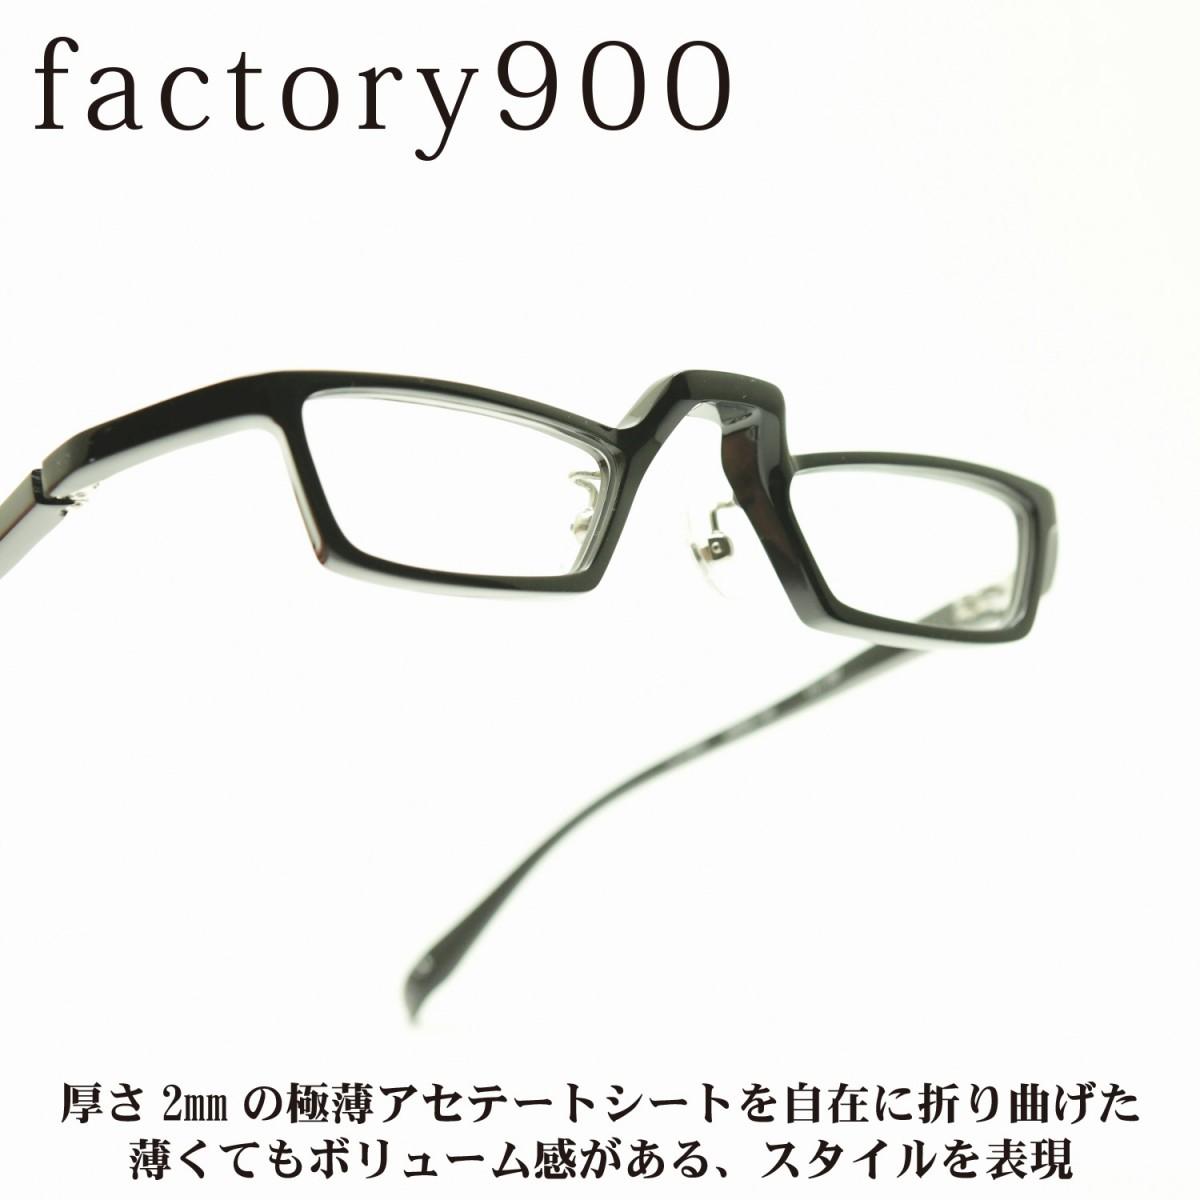 factory900 ファクトリー900FA-2040 col-001リーディンググラス 老眼鏡用フレーム